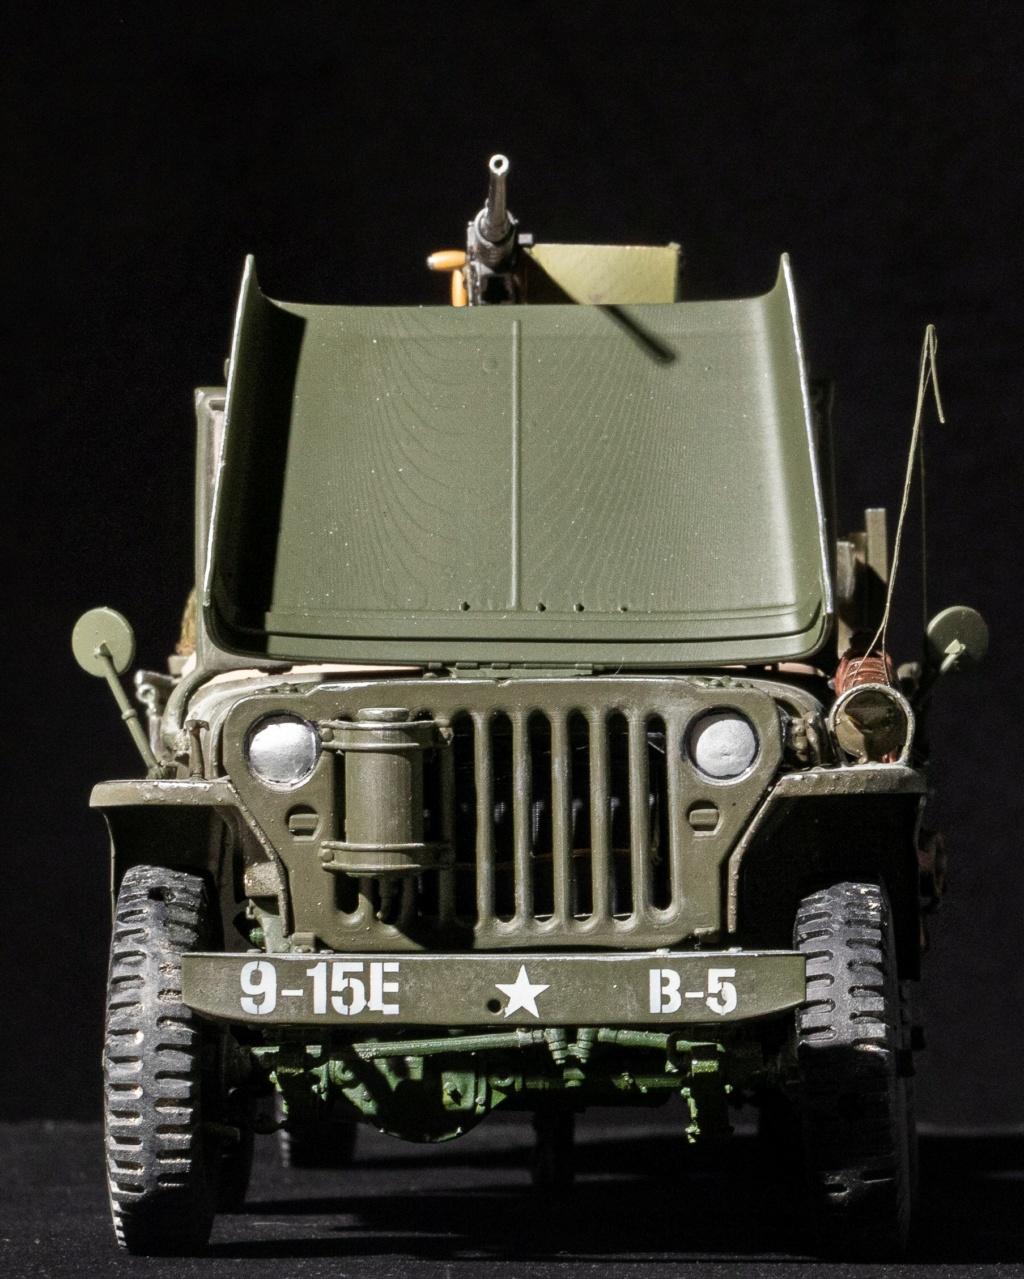 Jeep Willys en résine 3D au 1/24 et au 1/12 avec épave ( deuxième partie et fin au 1/24 ) - Page 30 Img_8647